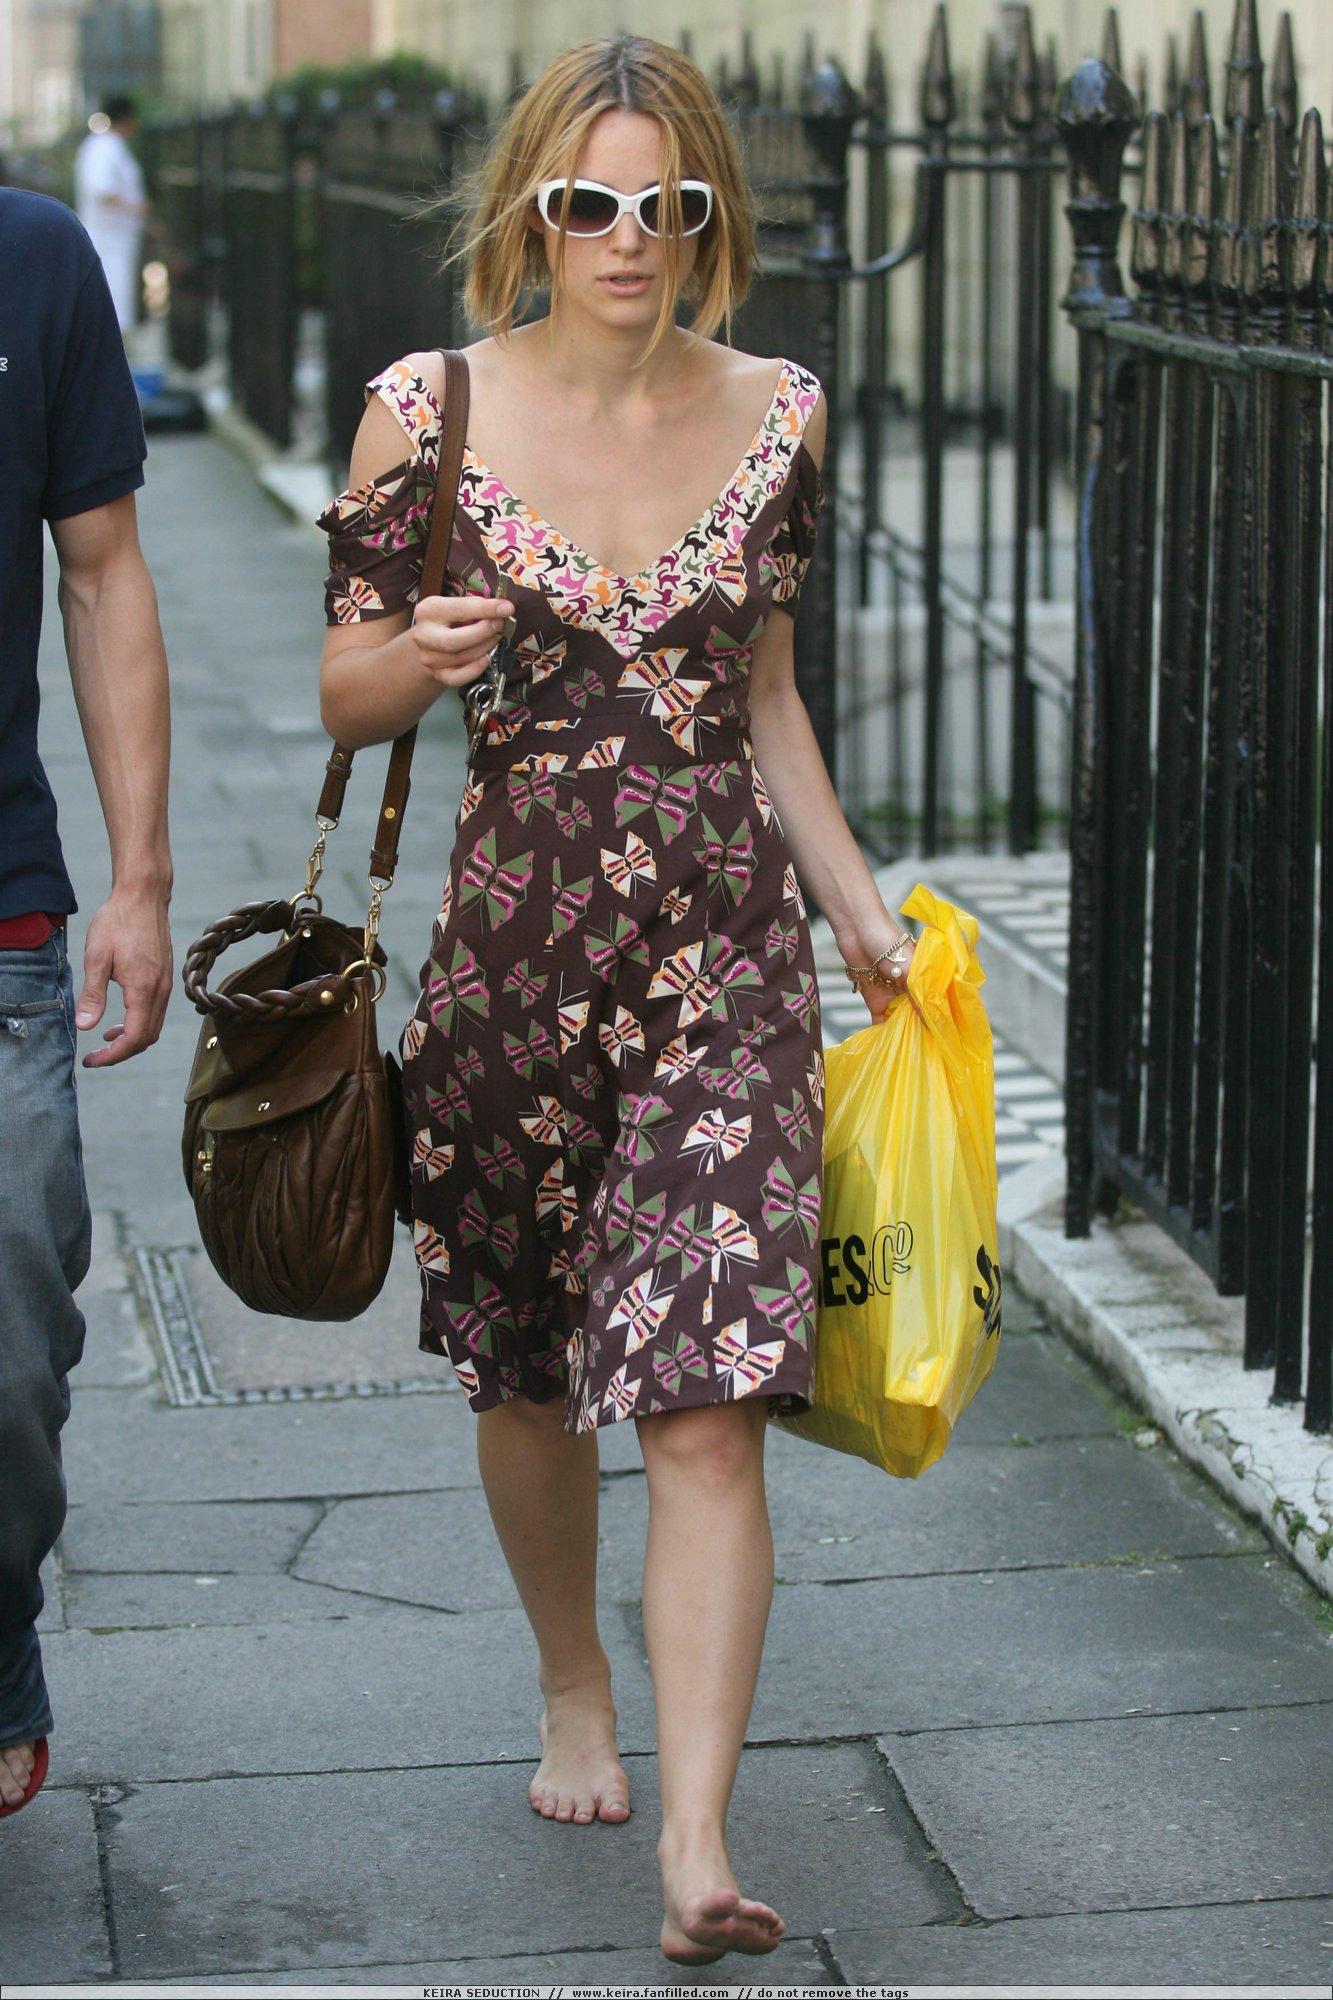 http://pics.wikifeet.com/Keira-Knightley-Feet-245471.jpg